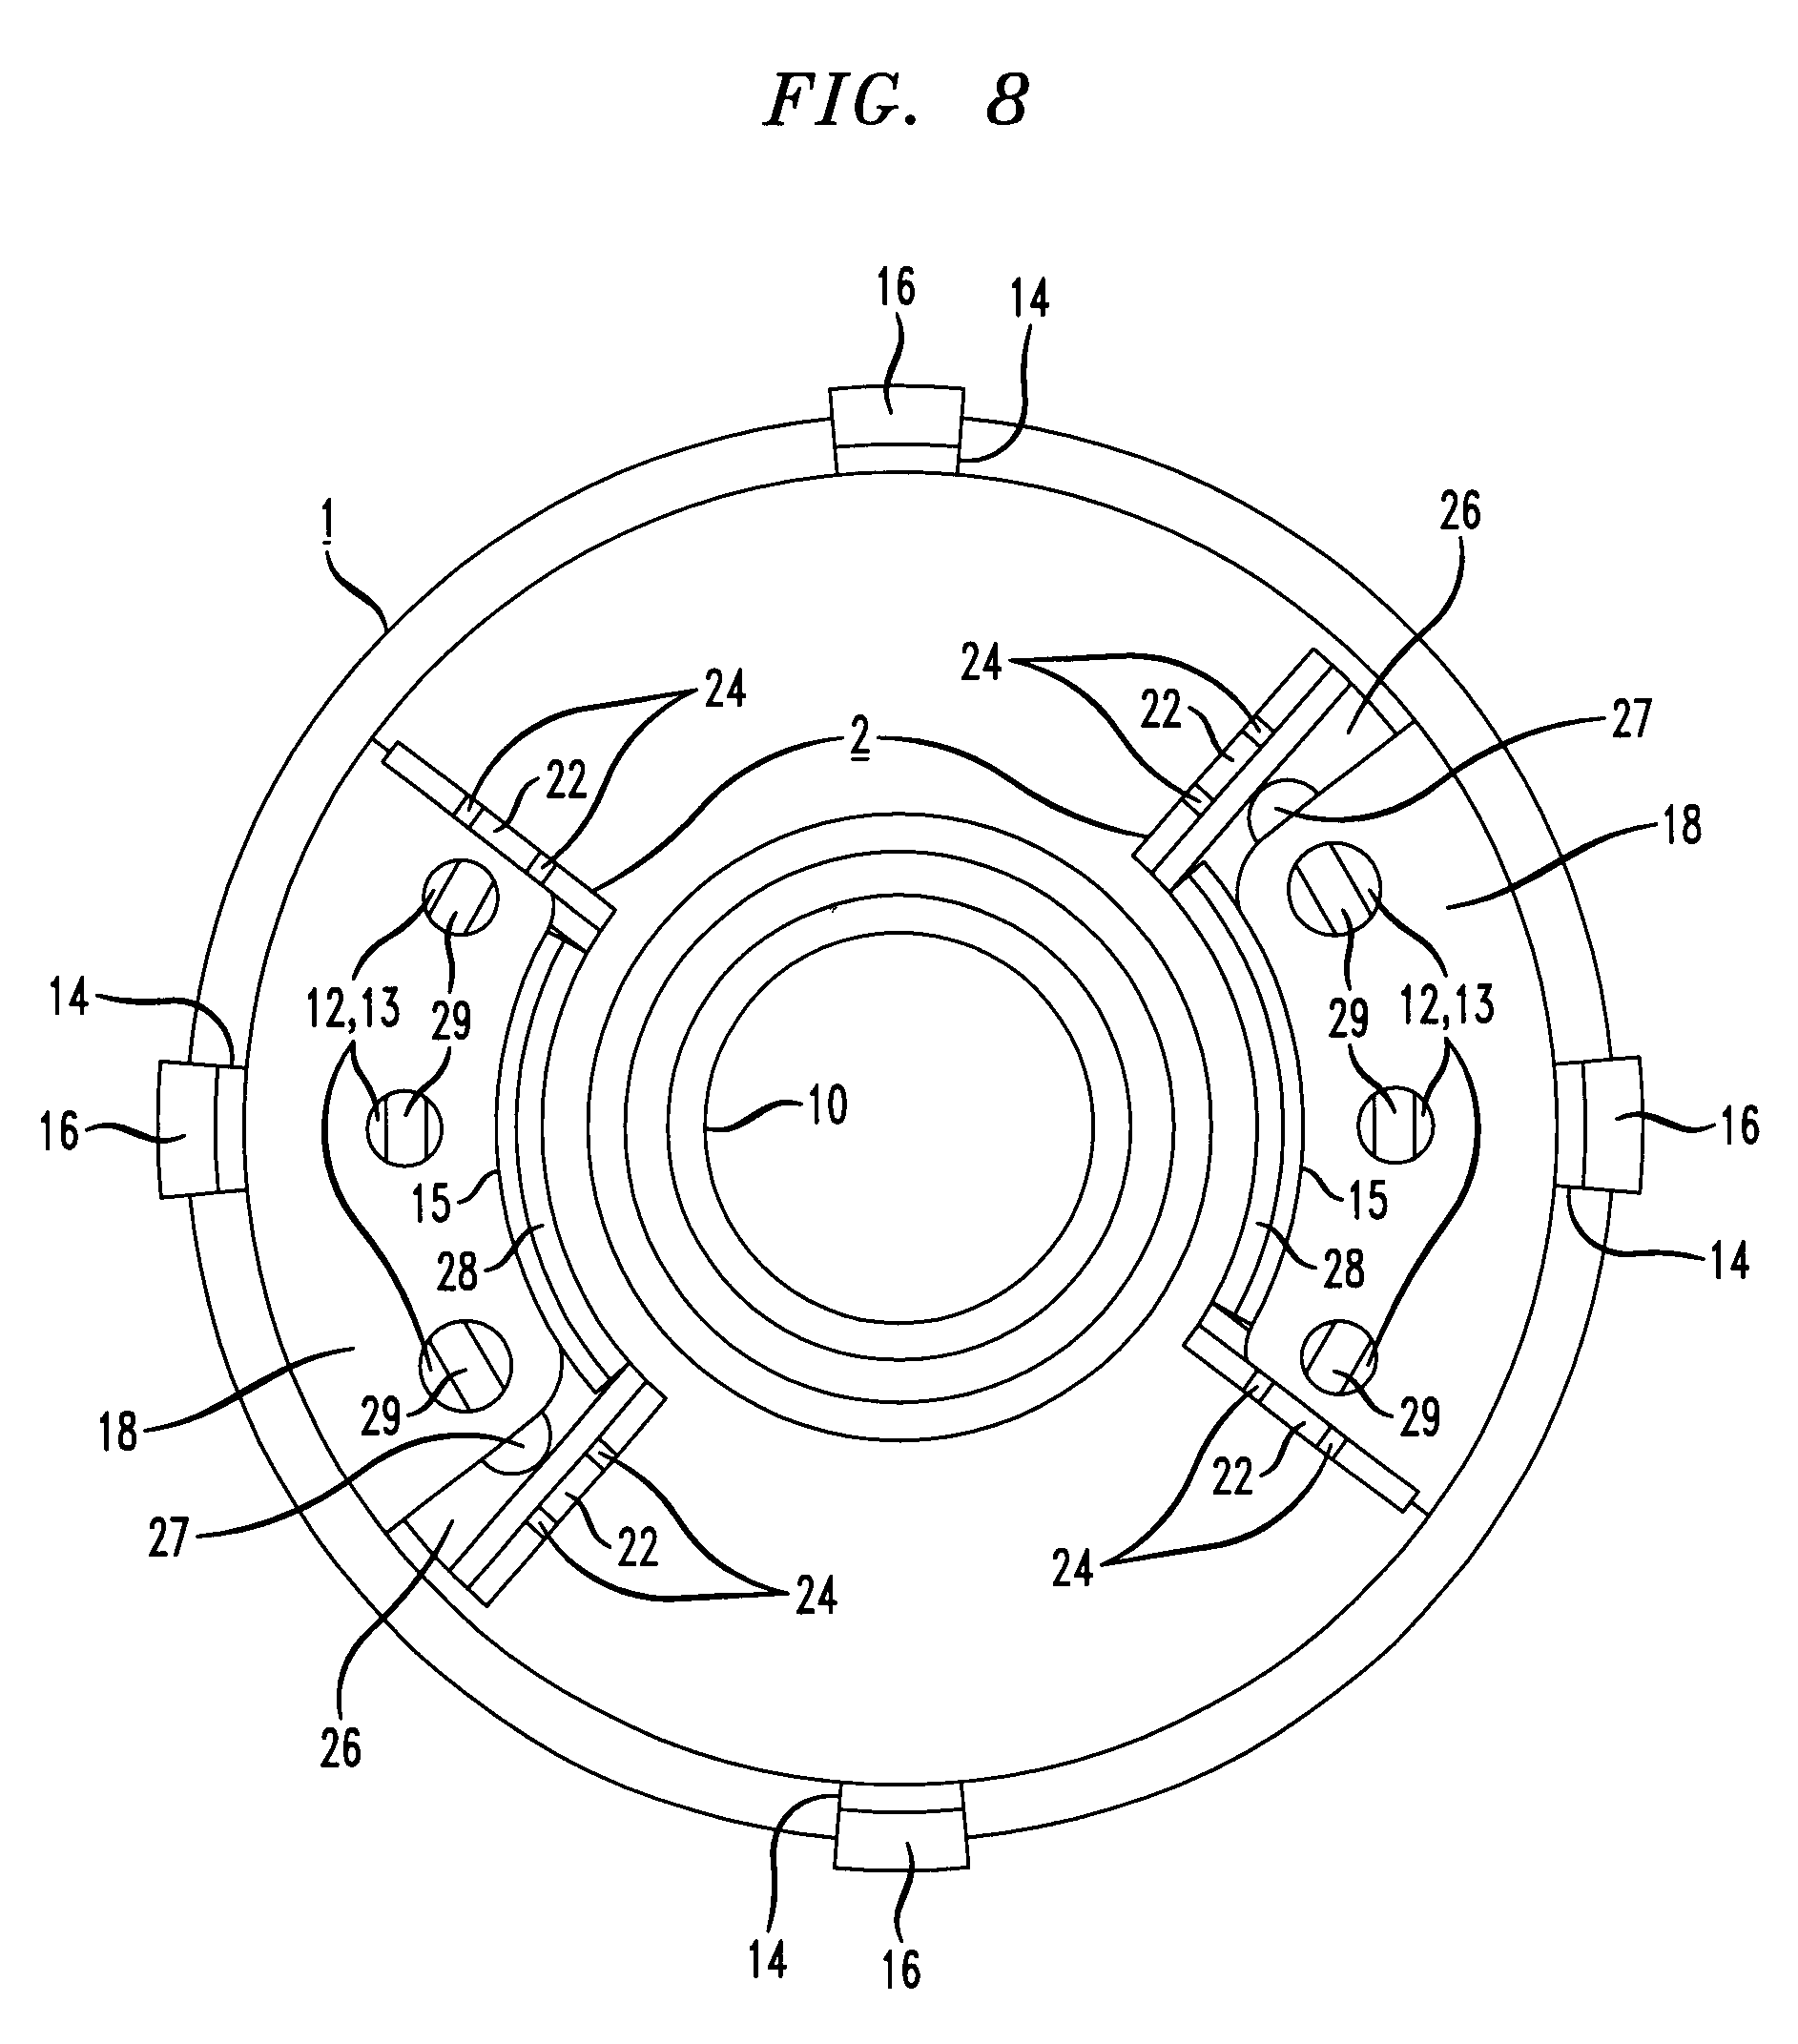 gooseneck wiring diagram,wiring.wiring harness diagram images, Wiring diagram